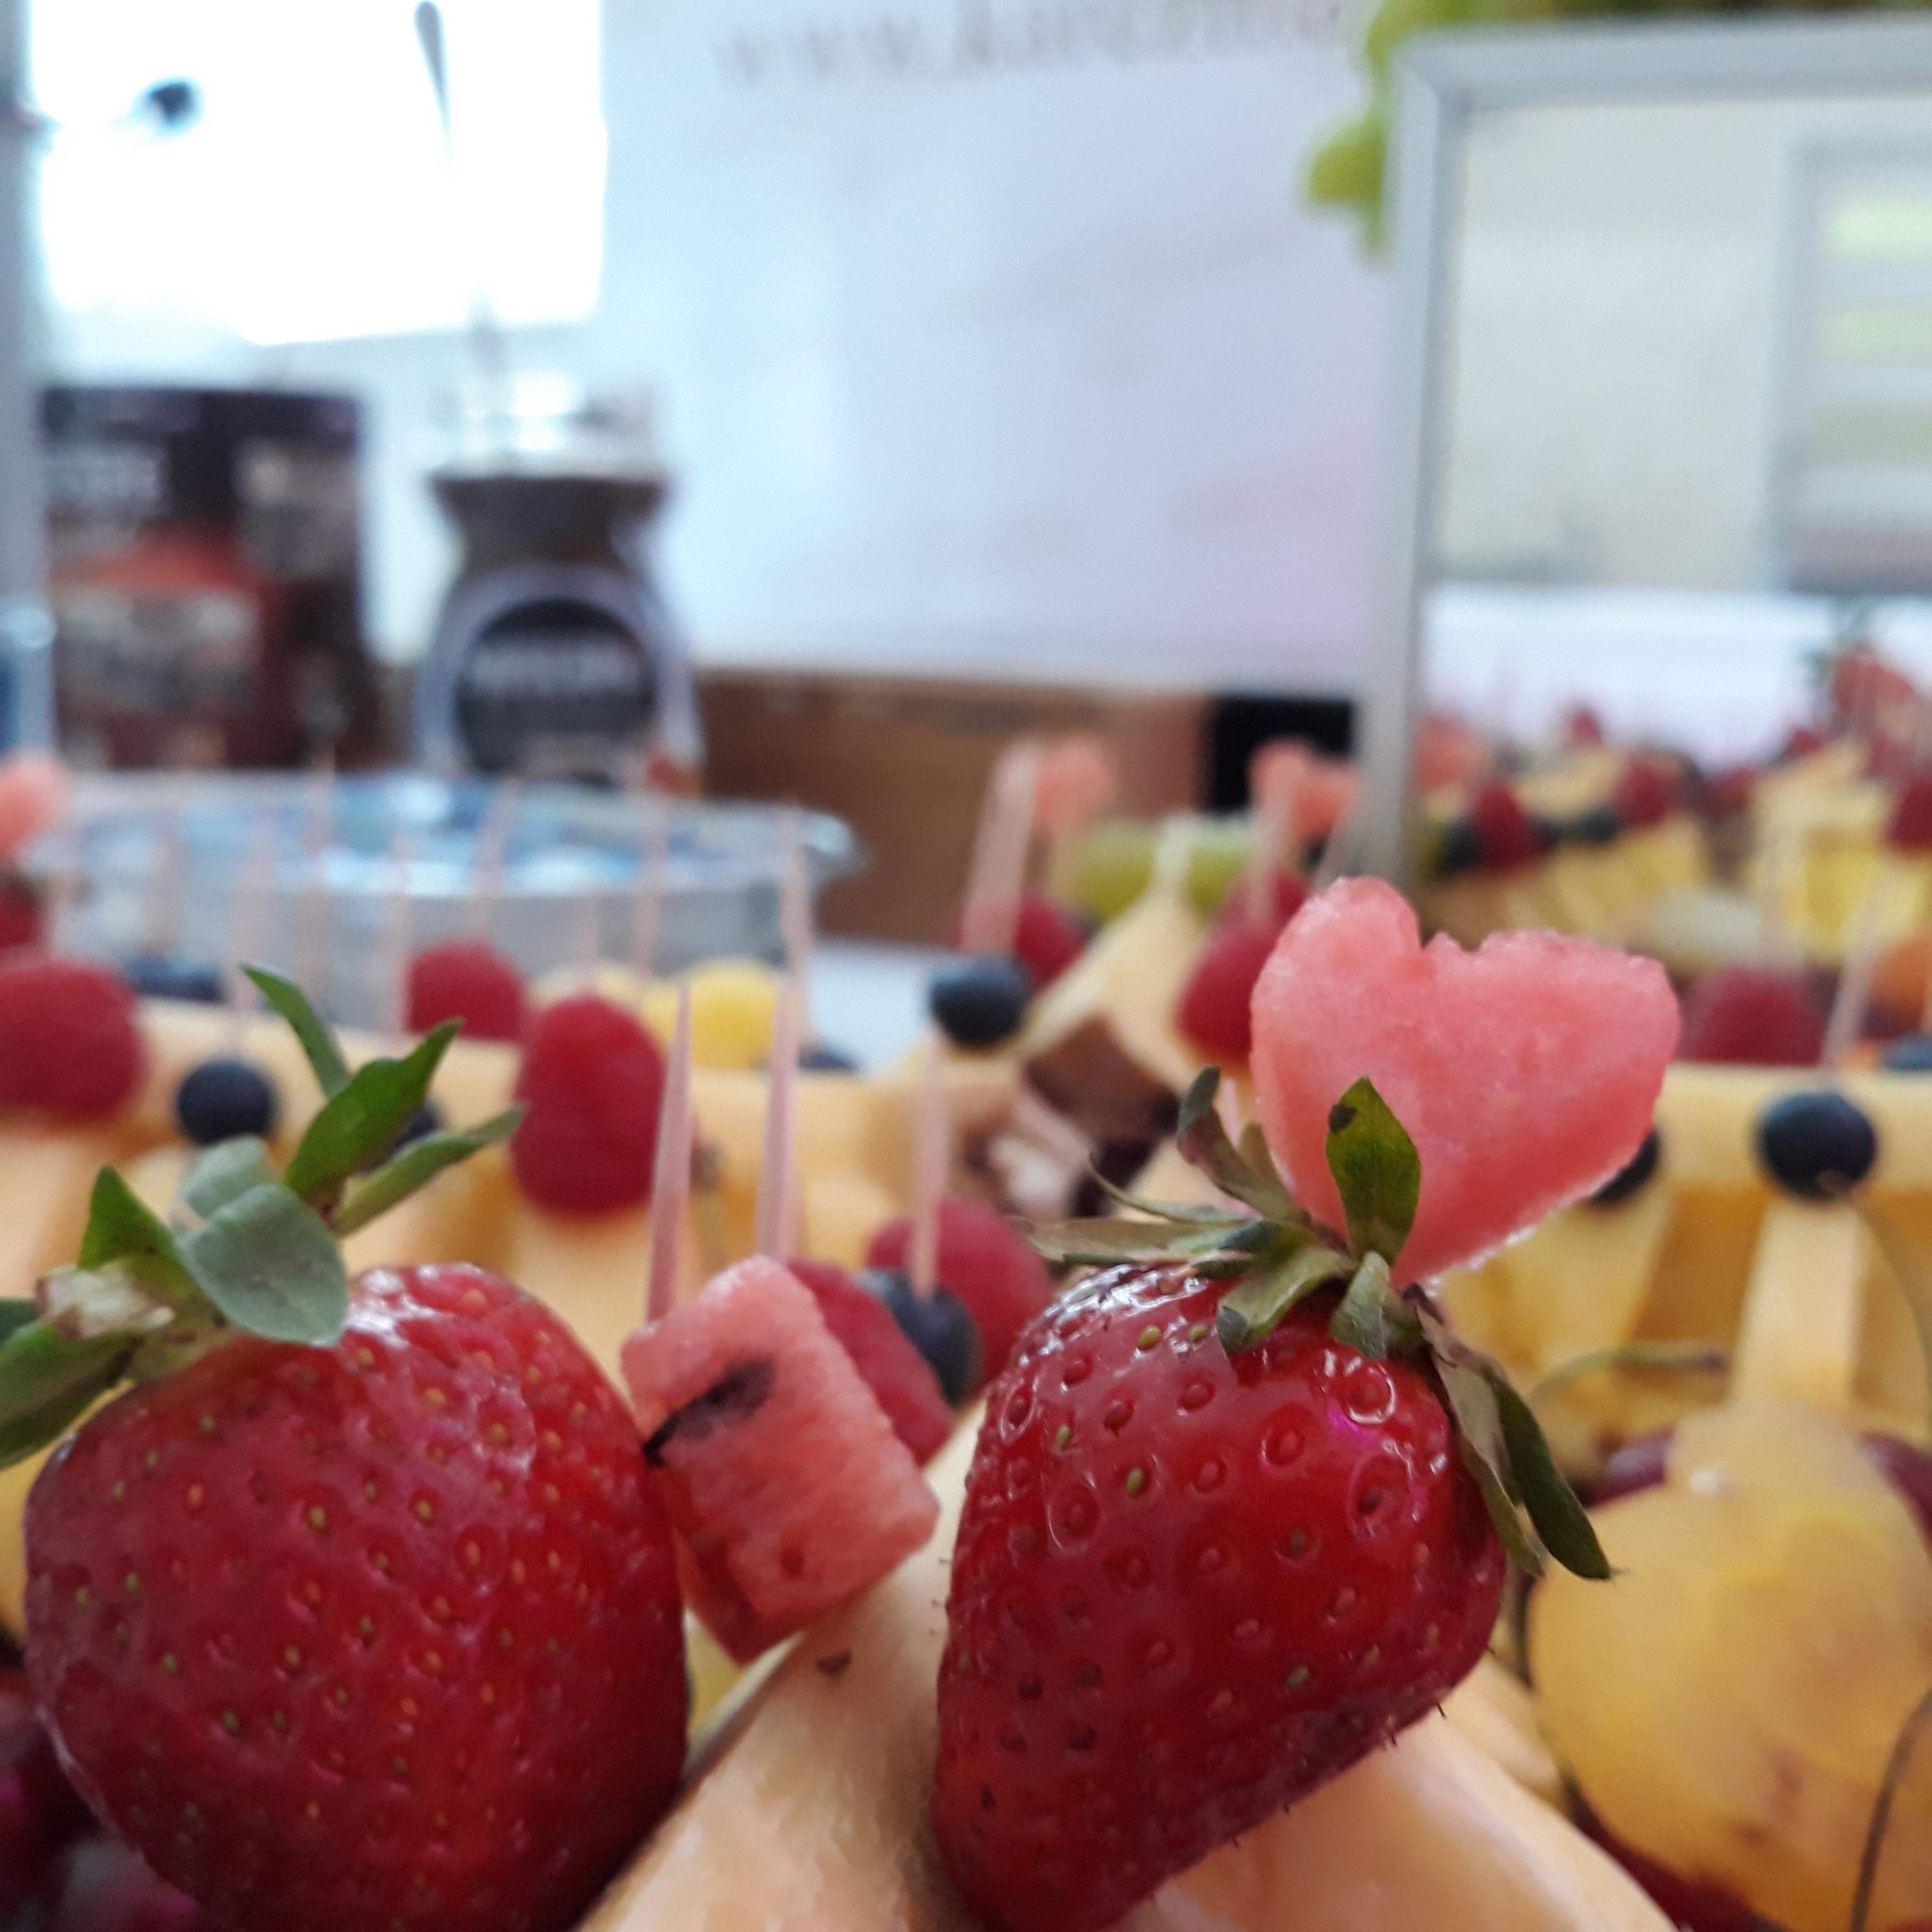 fruit carving, stół owocowy Konin, fruit bar, stół owocowy Turek, stół z owocami Łódź, dekoracje owocowe, fruit bar,